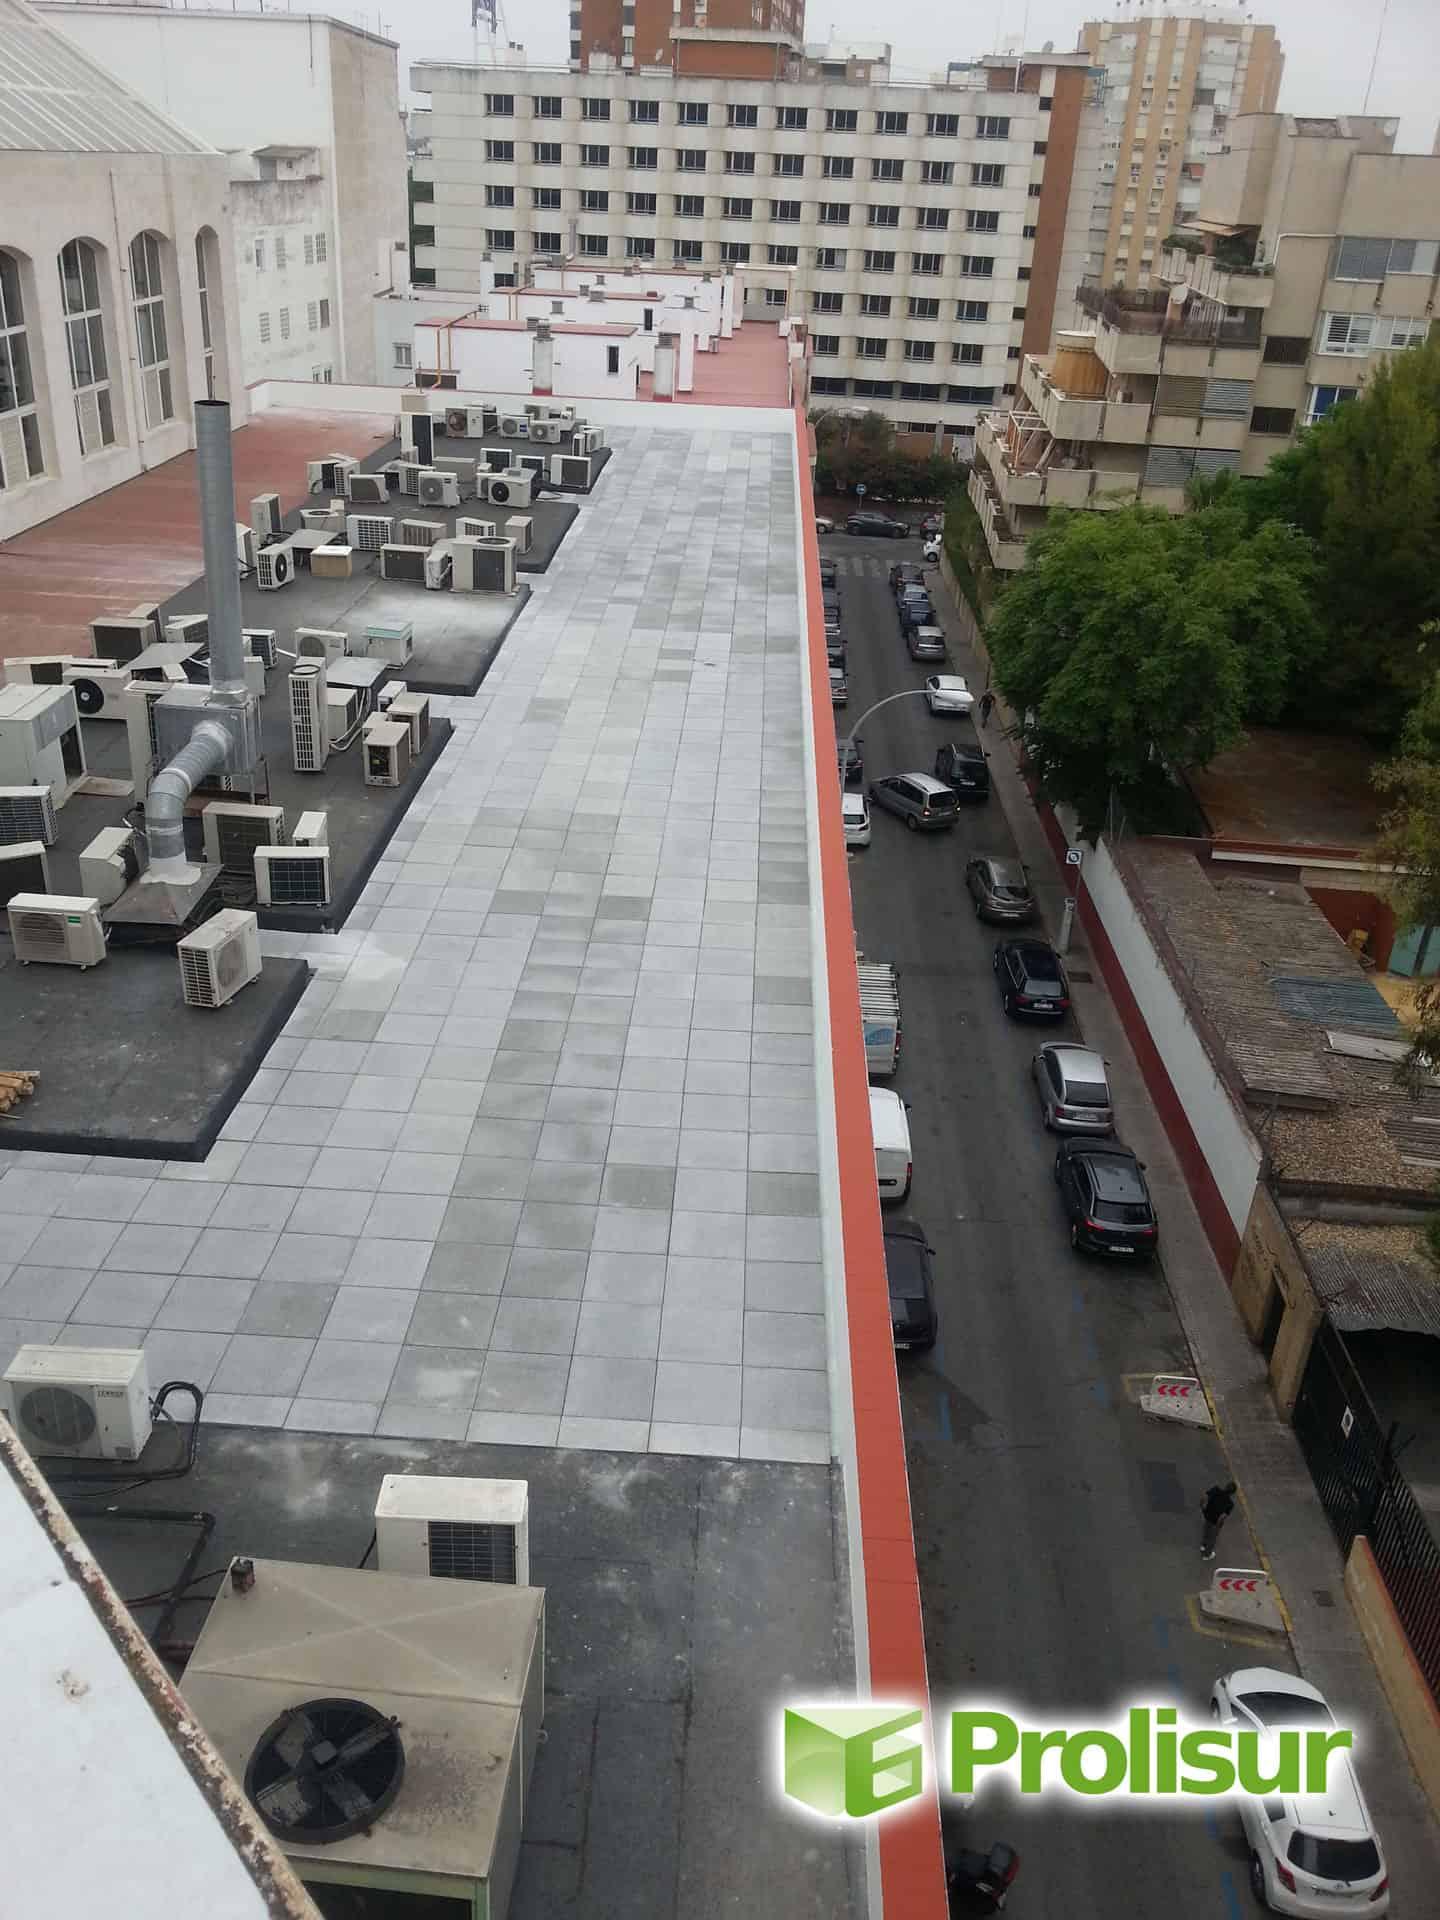 Impermeabilización y aislamiento térmico en cubiertas del Edificio Forum en Sevilla